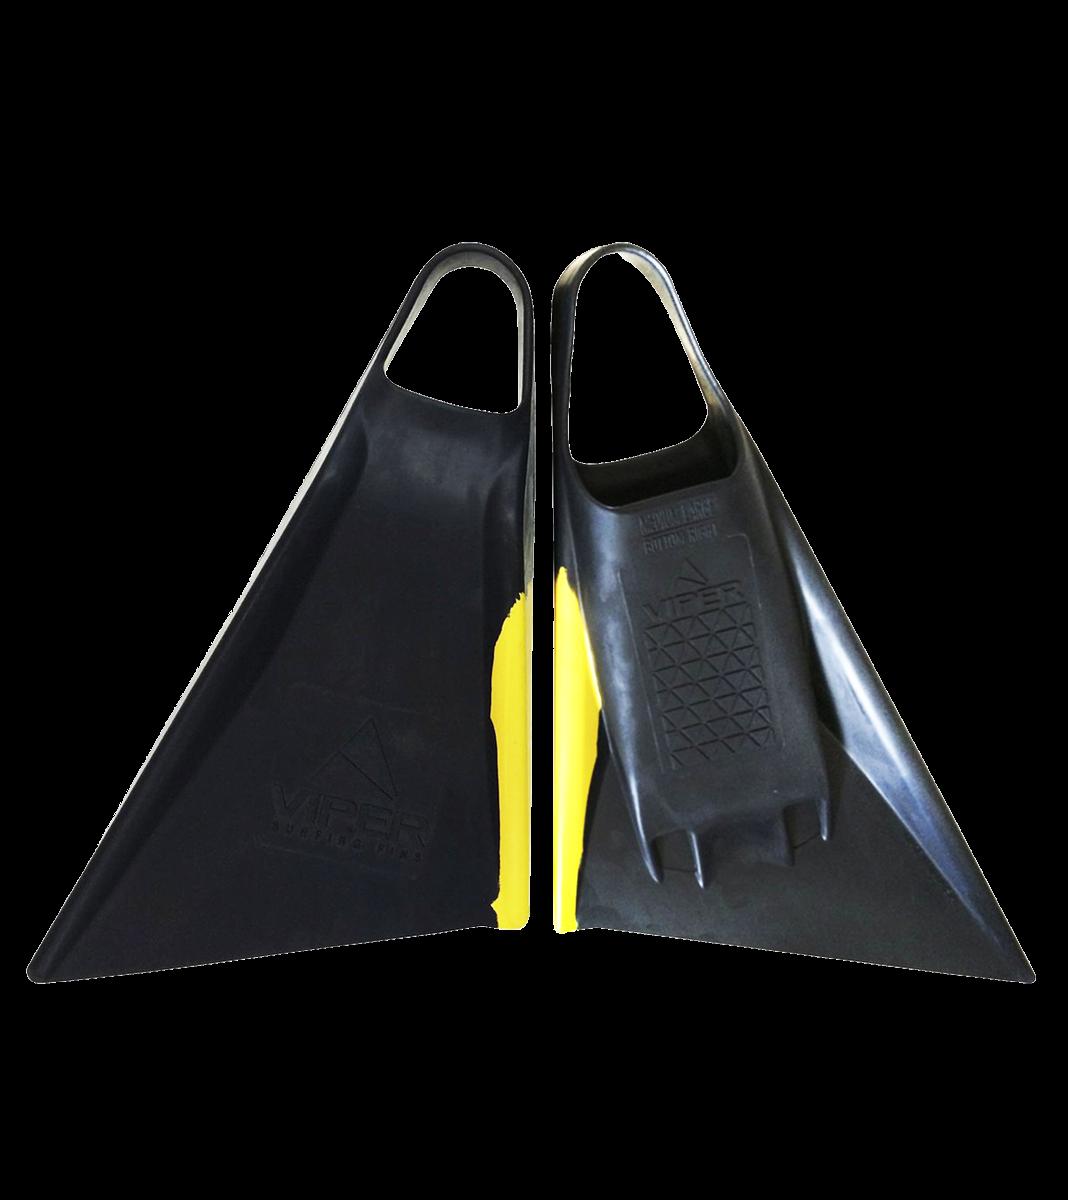 VIPER FINS DELTA 2.0 - BLACK /YELLOW